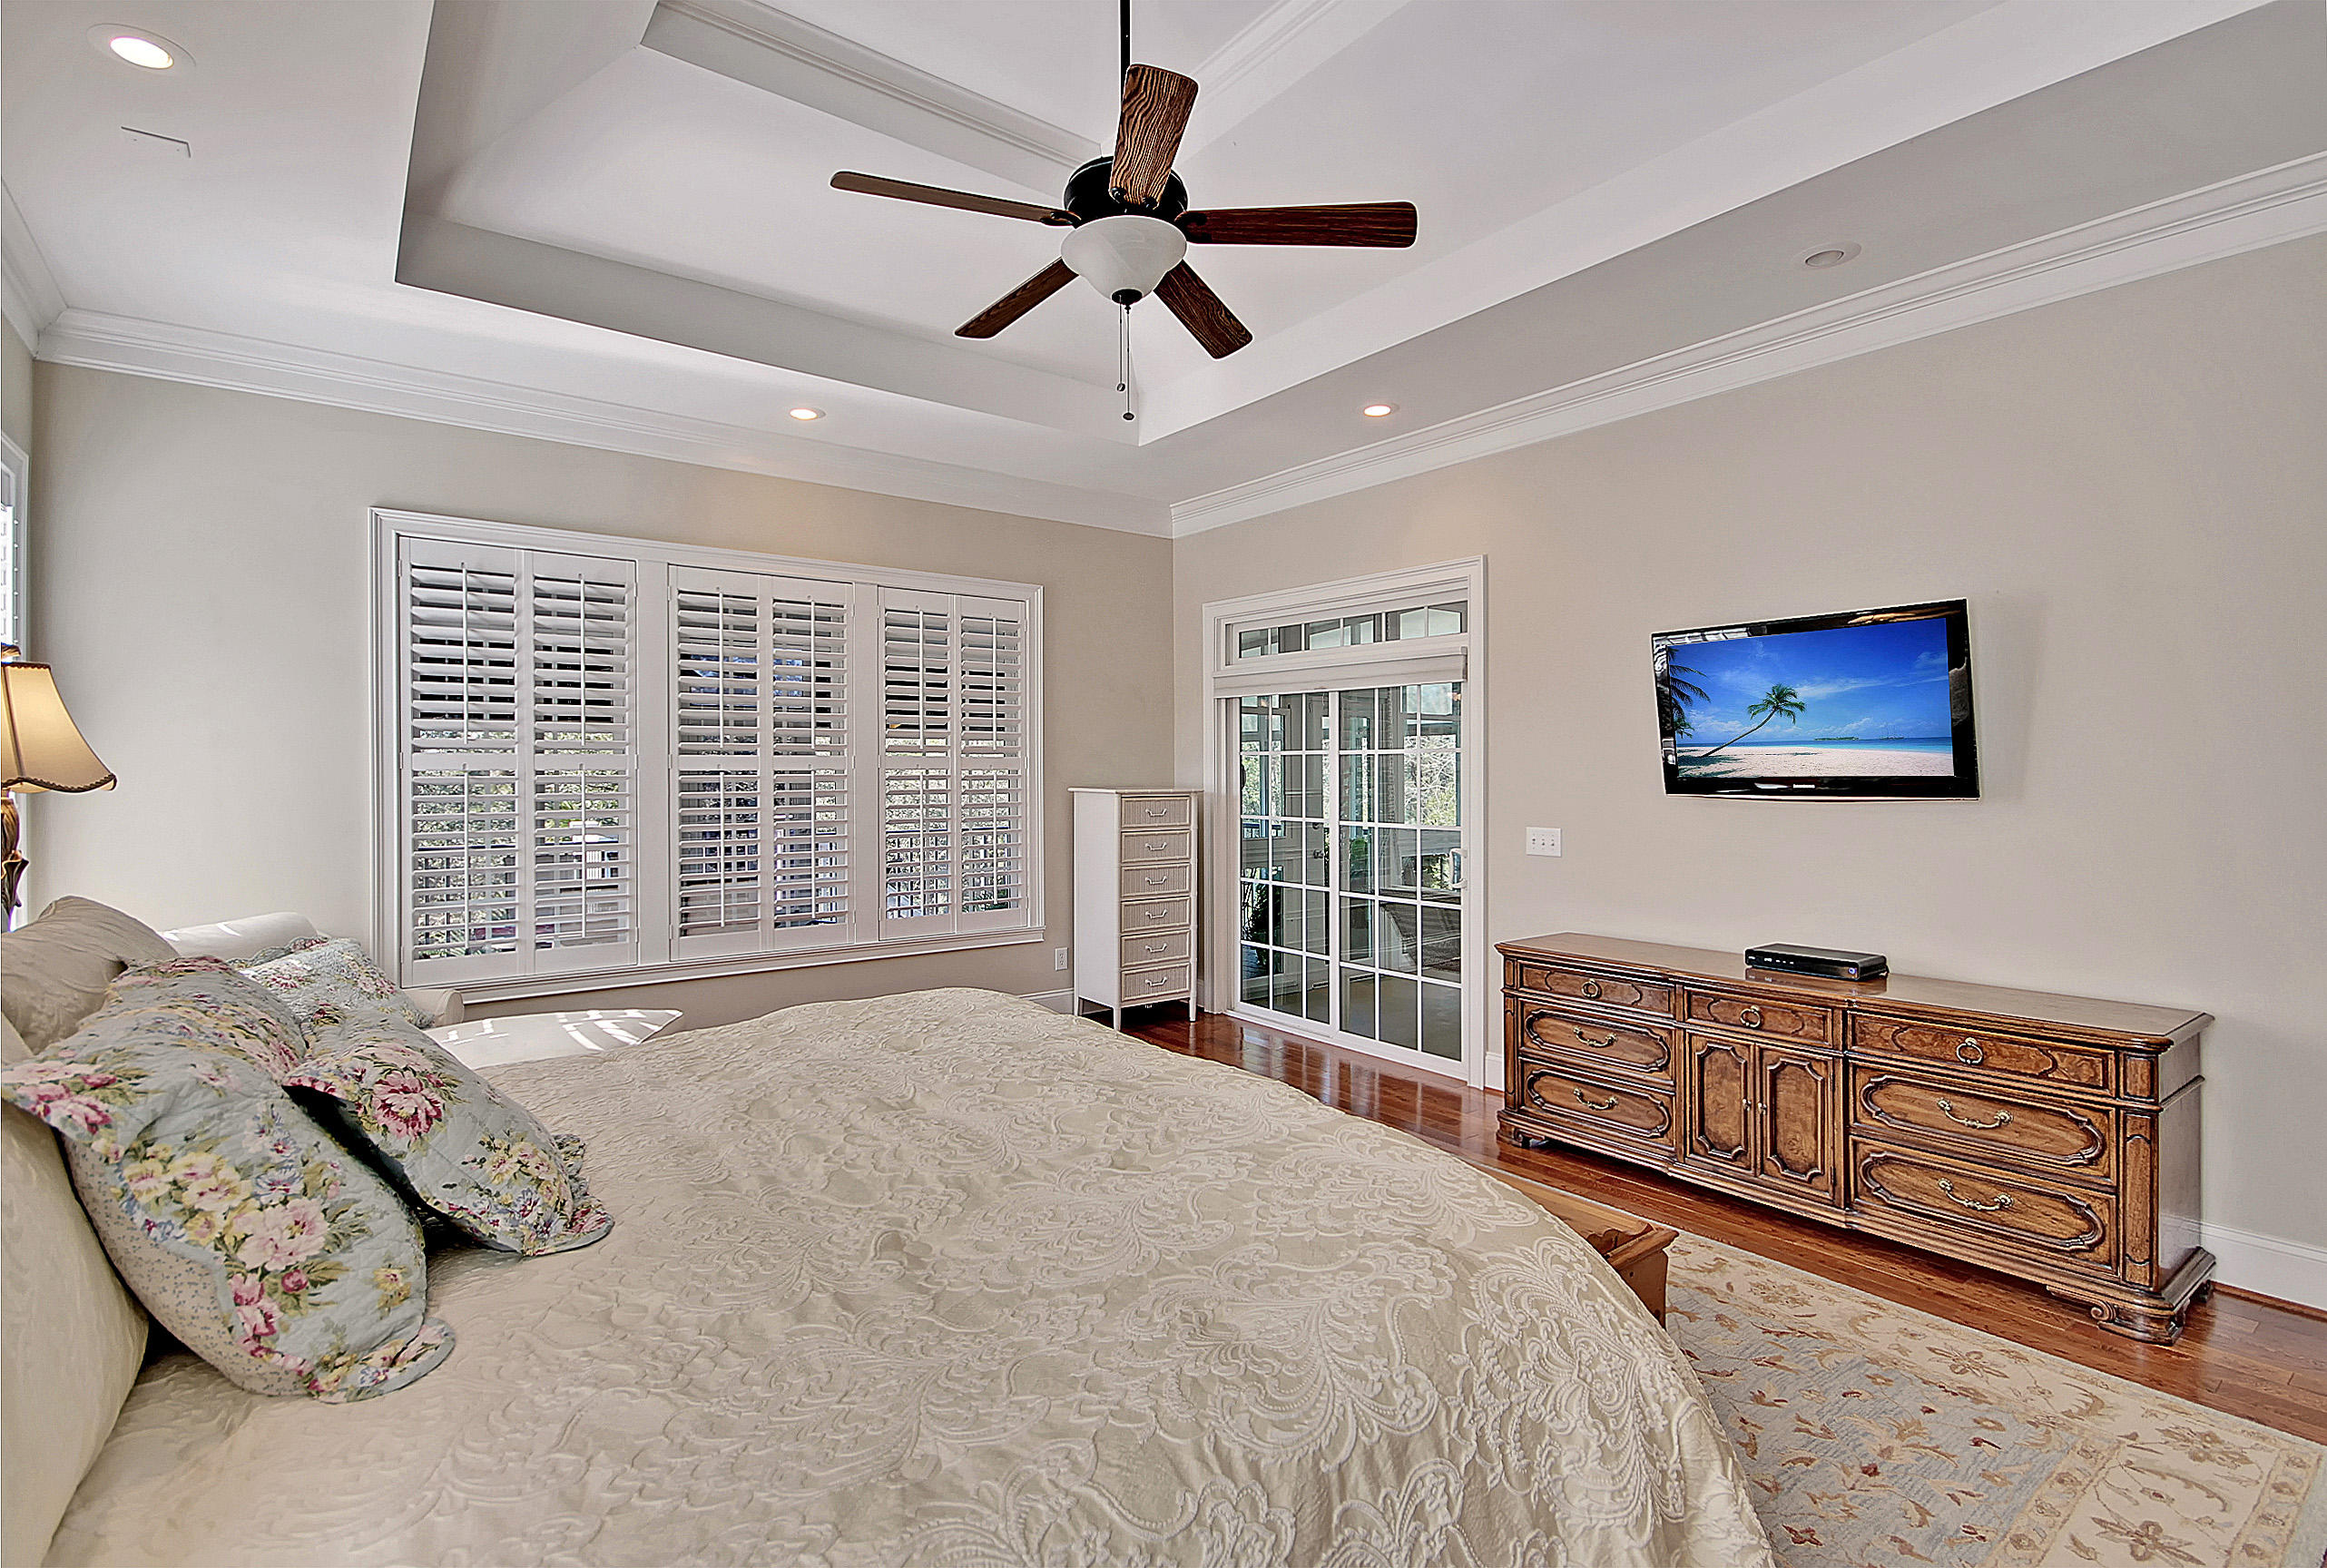 Dunes West Homes For Sale - 2721 Fountainhead, Mount Pleasant, SC - 48